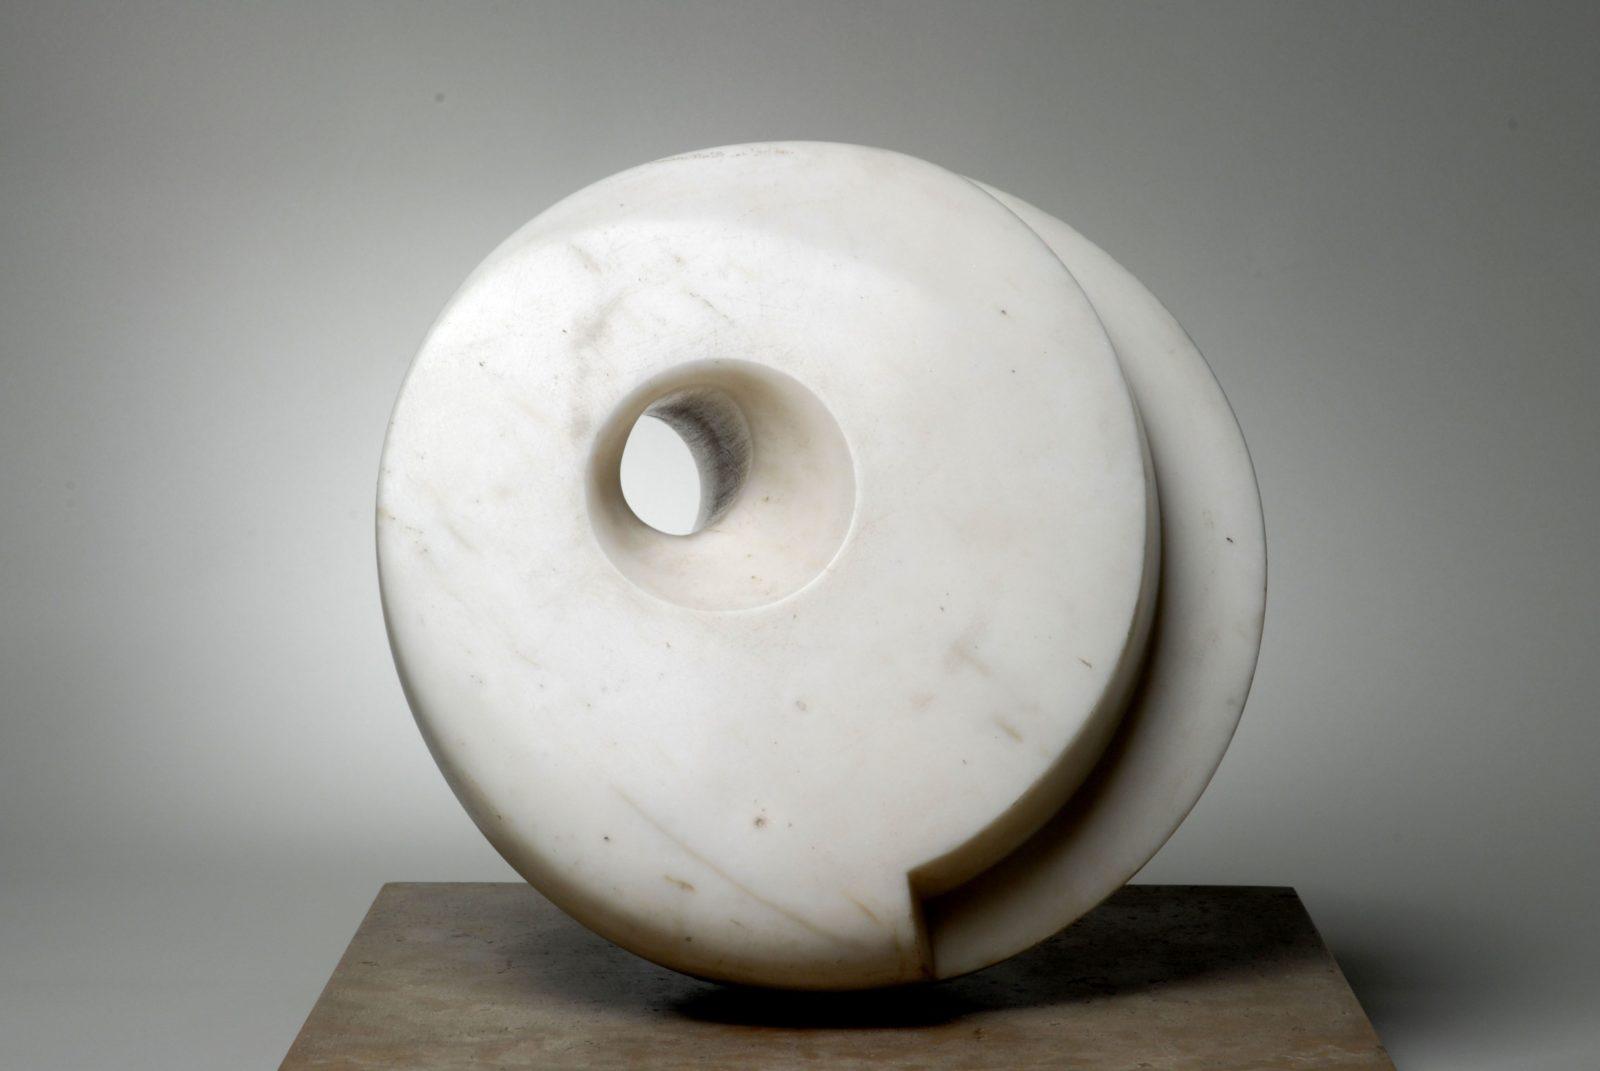 Nézz át a szobron! Barbara Hepworth munkássága Párizsban